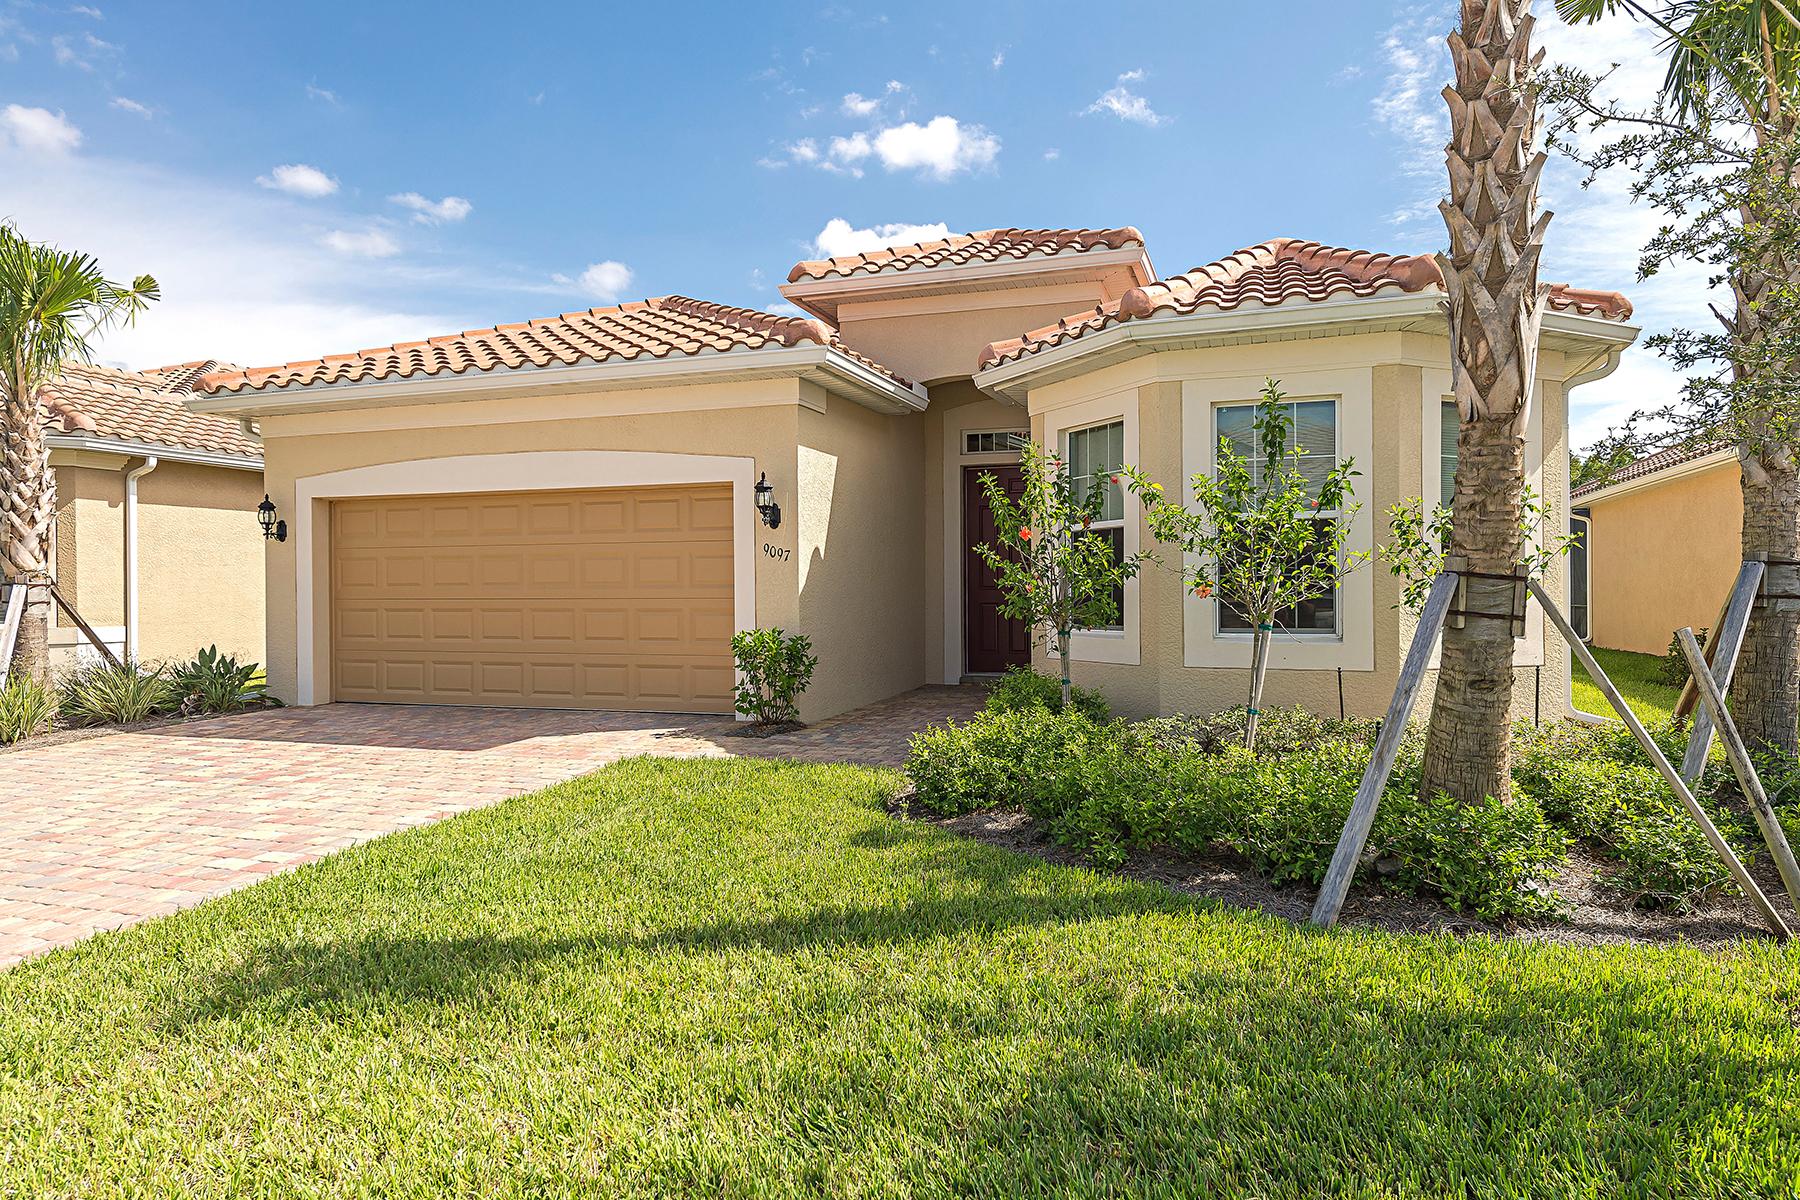 Частный односемейный дом для того Продажа на THE QUARRY 9097 Siesta Bay Dr Naples, Флорида, 34120 Соединенные Штаты